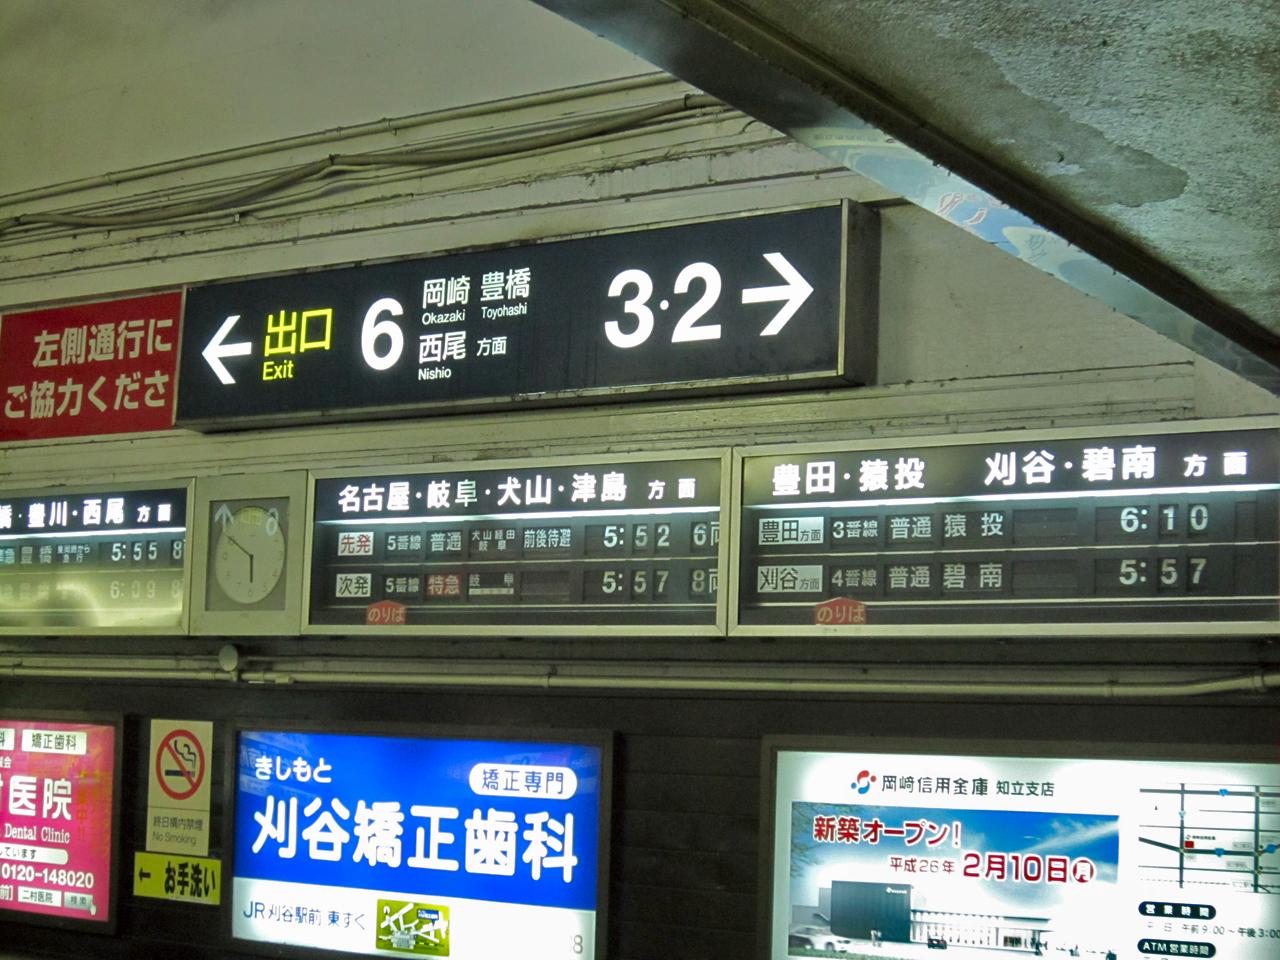 20150209-1.jpg